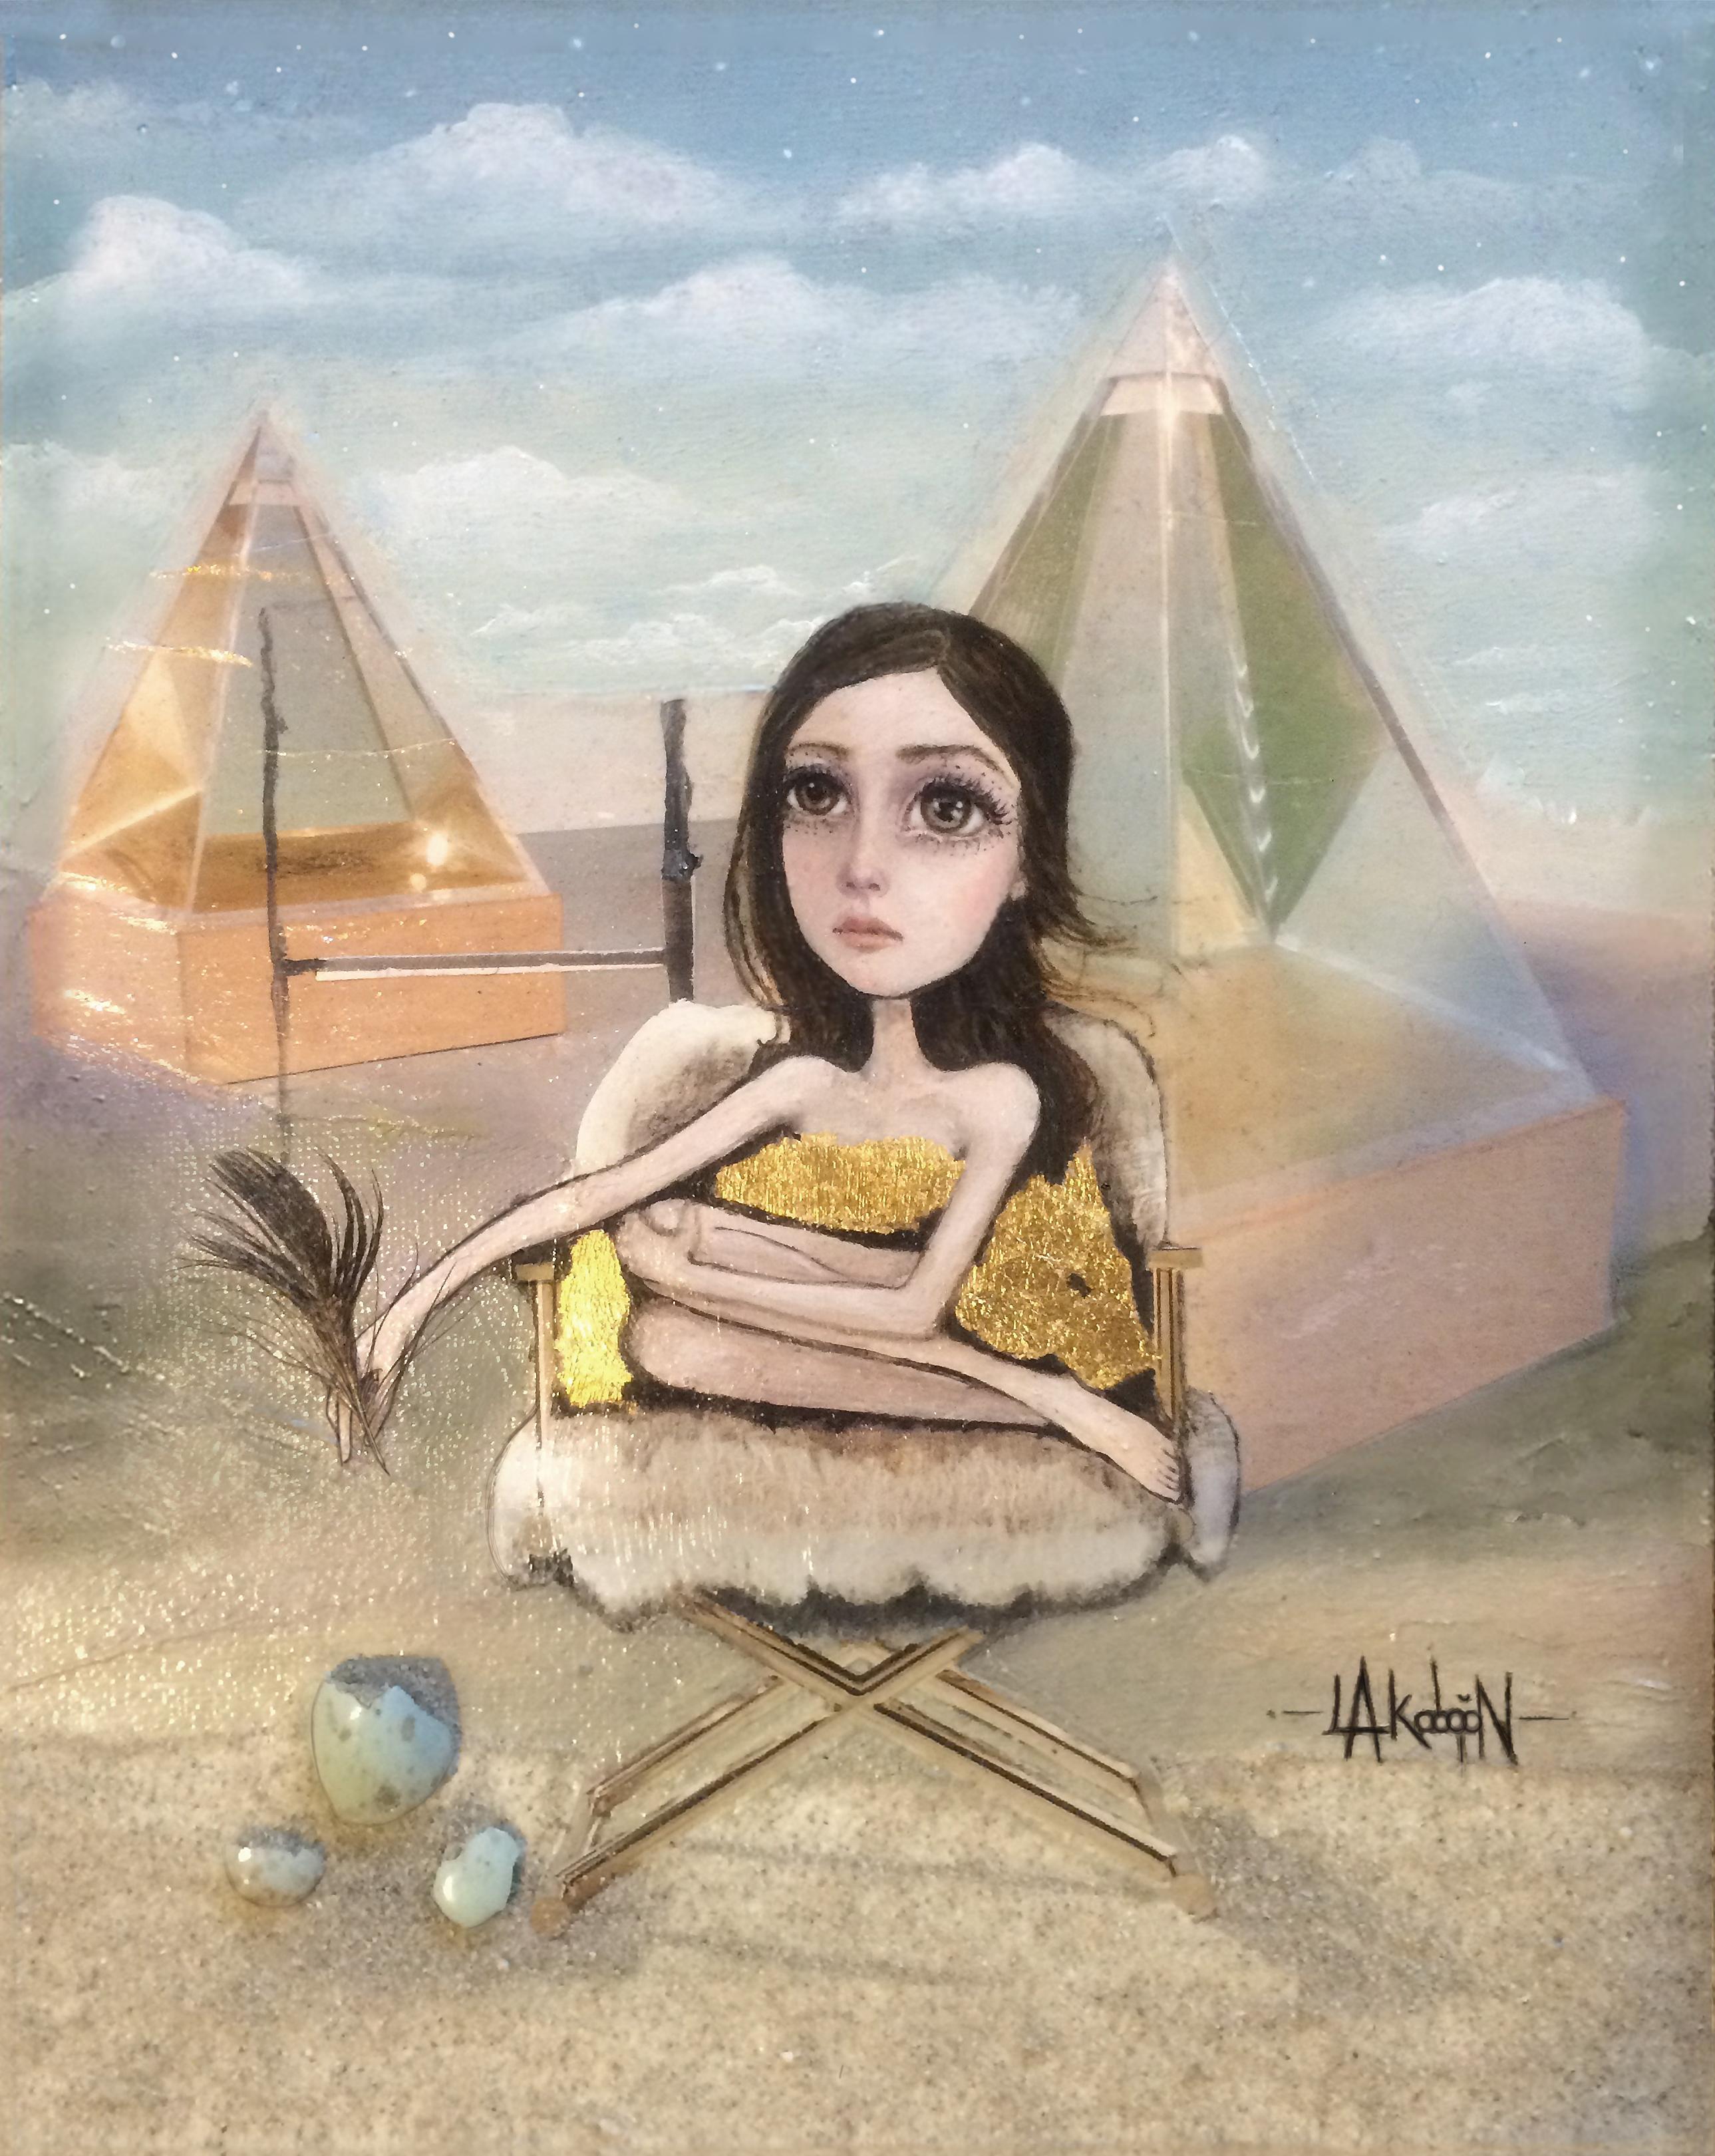 Tetrahedron_Leyla Akdogan